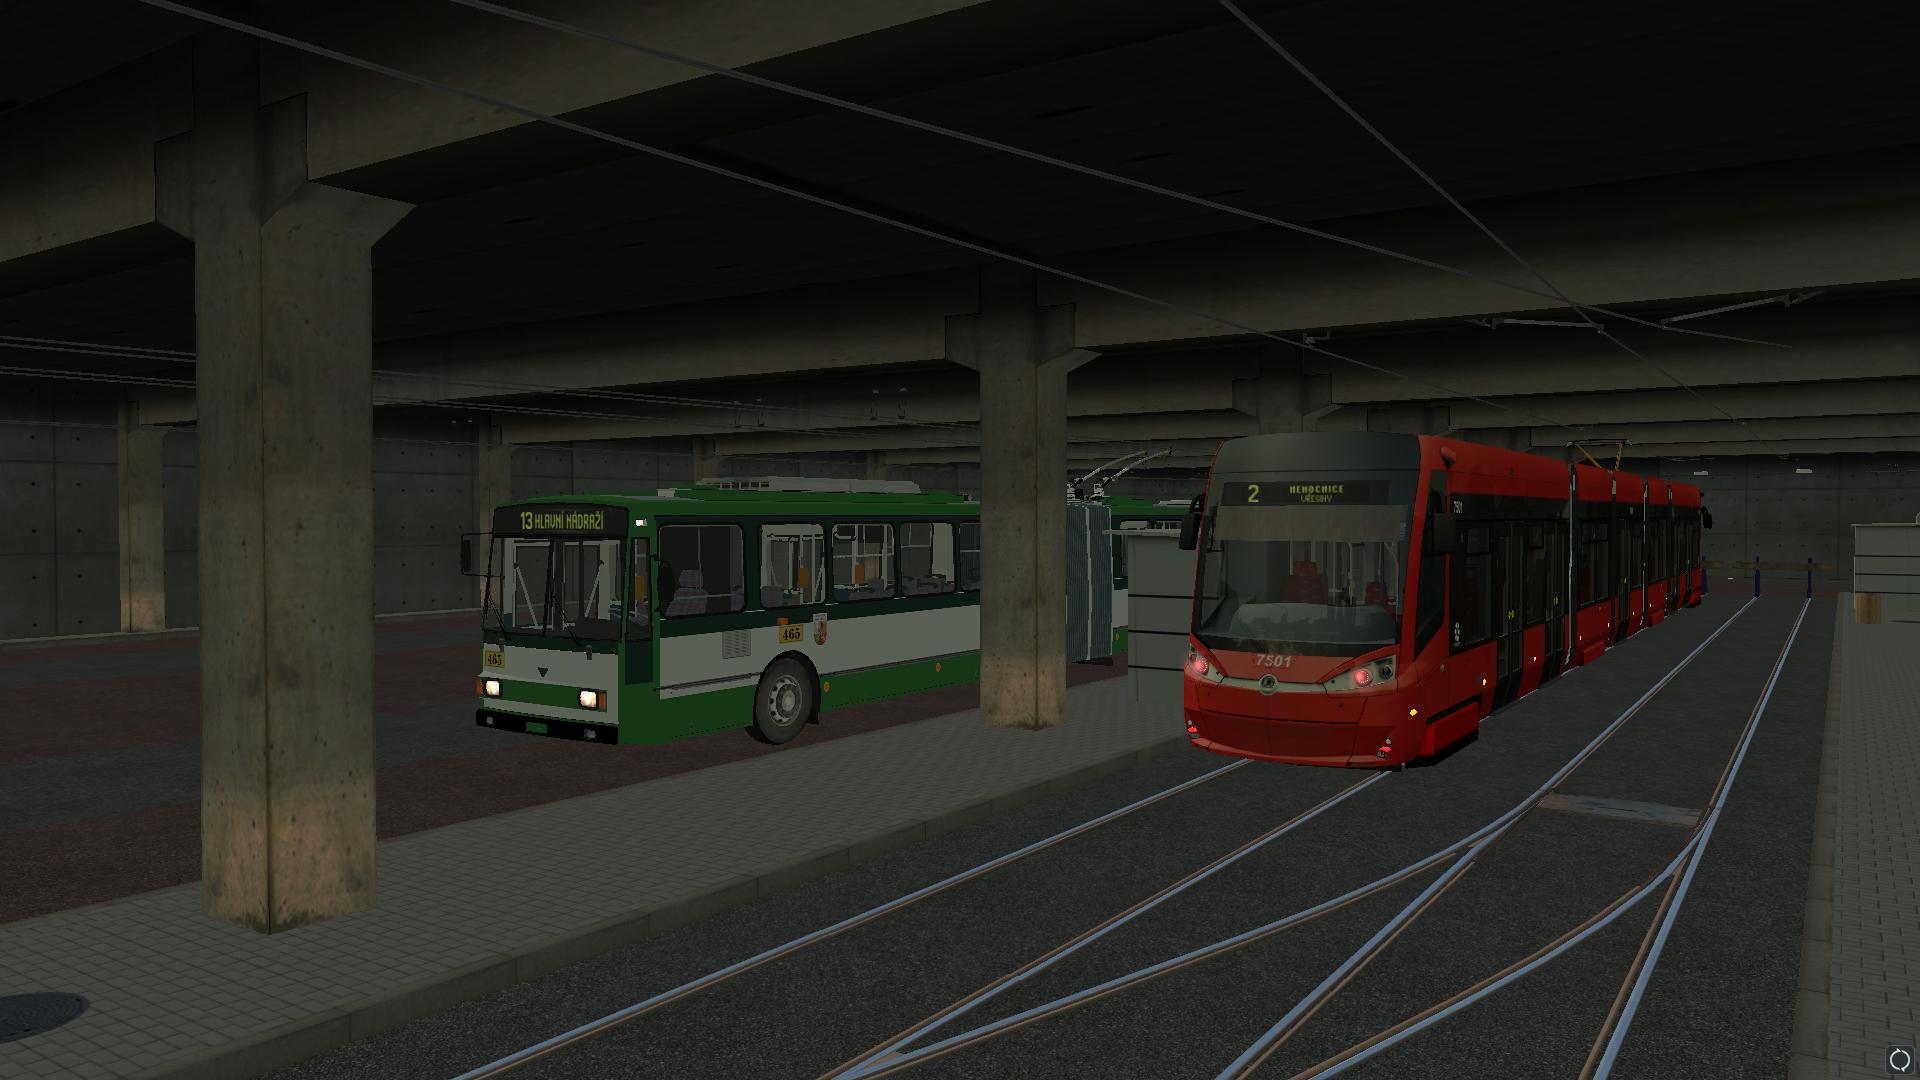 Aktualizace simulátoru veřejné dopravy SIMT